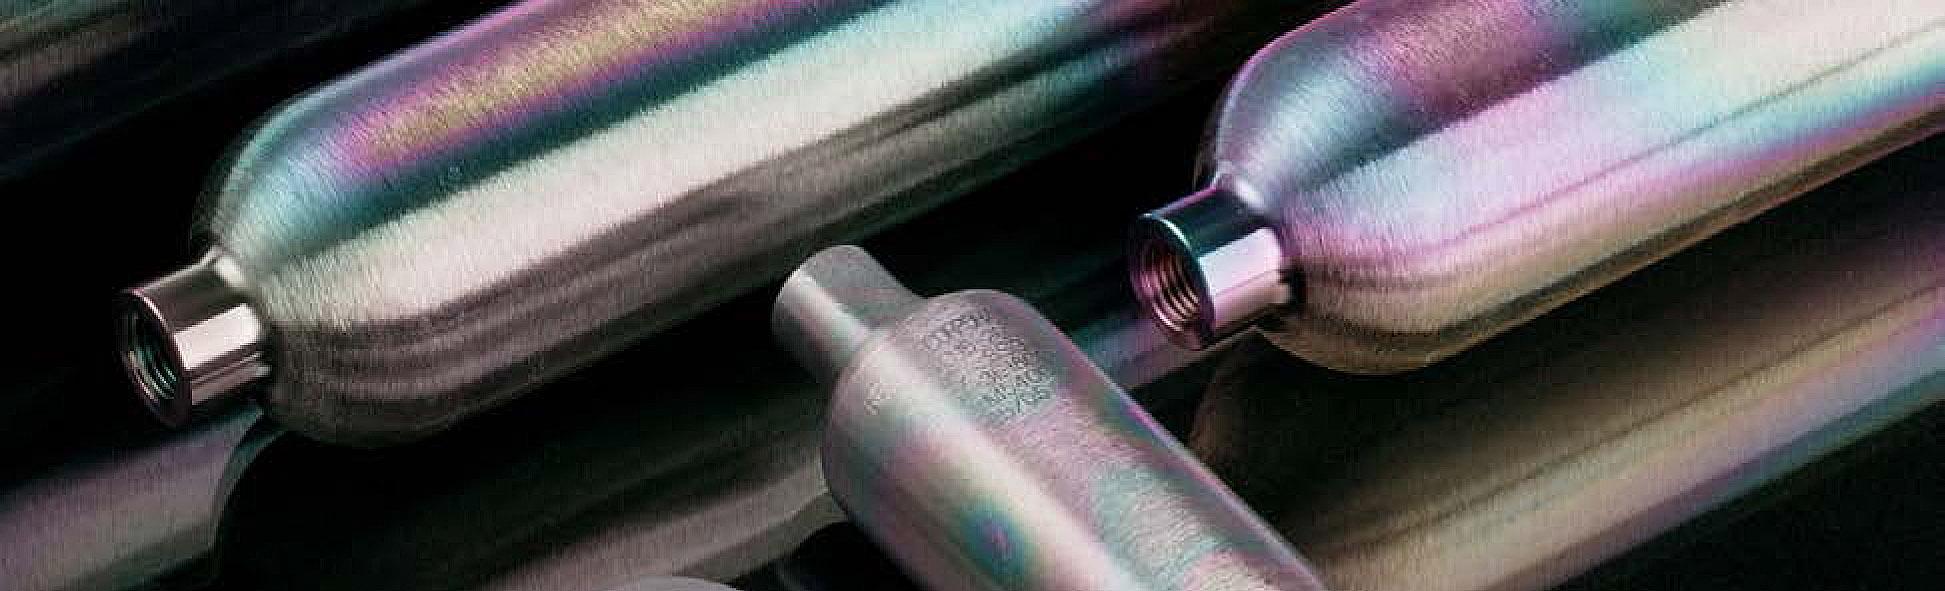 Coated sample cylinders.jpg